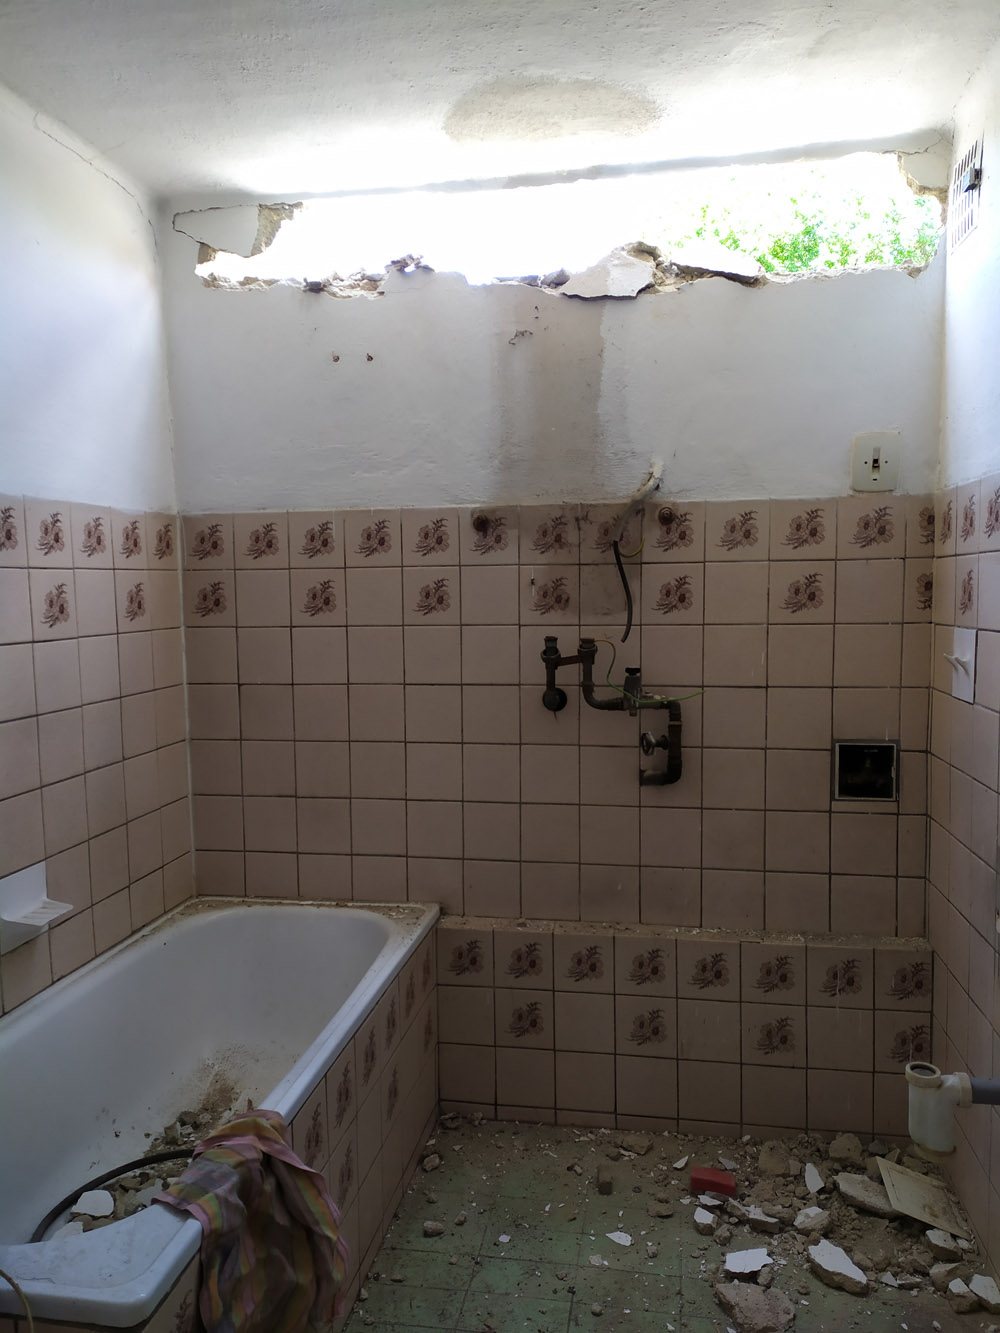 Bourání staré a stavba nové řadovky - Červen 2020, už jsme v koupelně